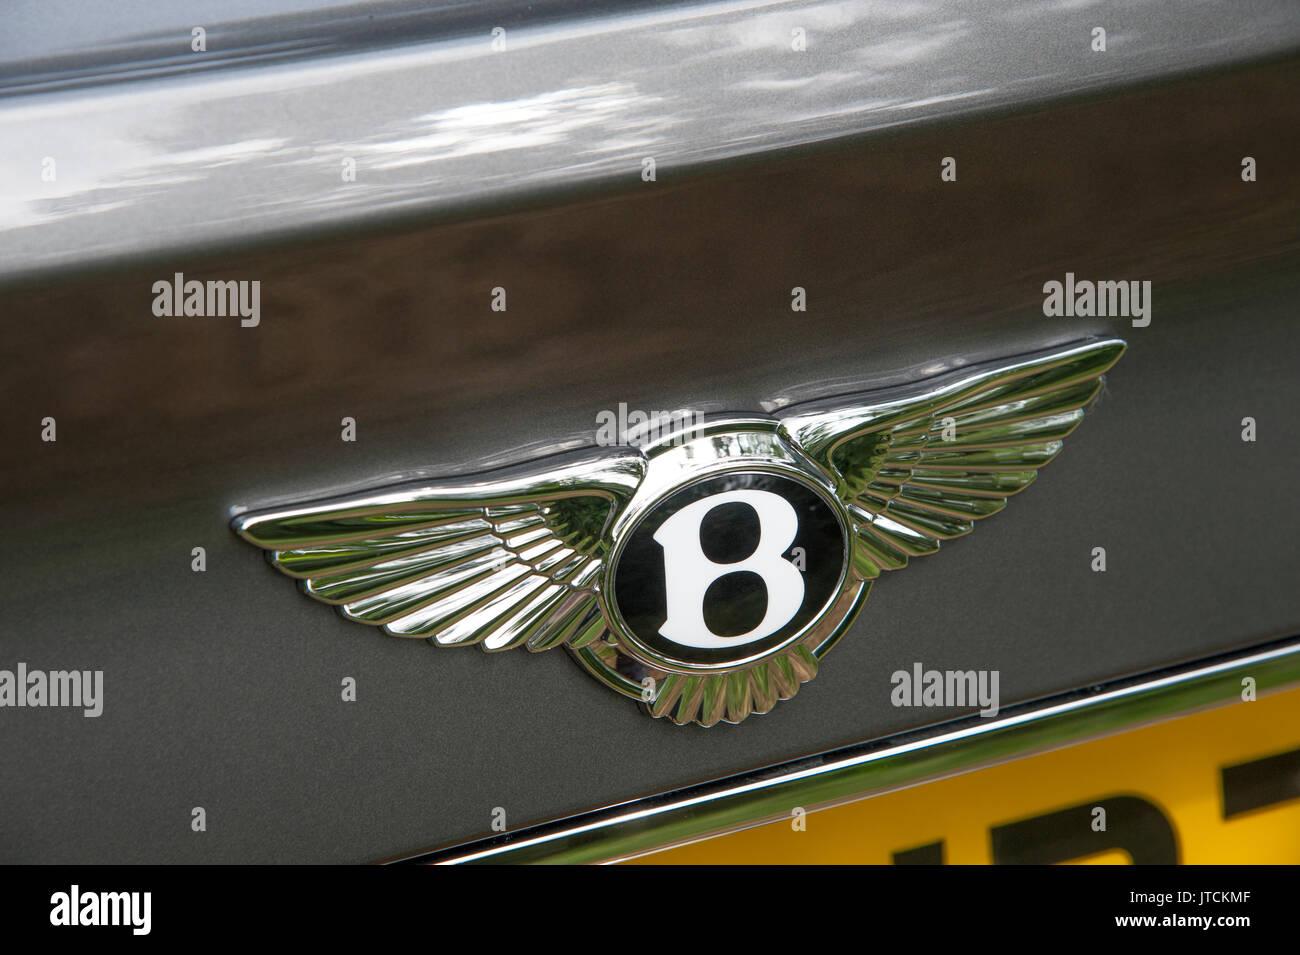 2017 Bentley Bentayga badge - Stock Image